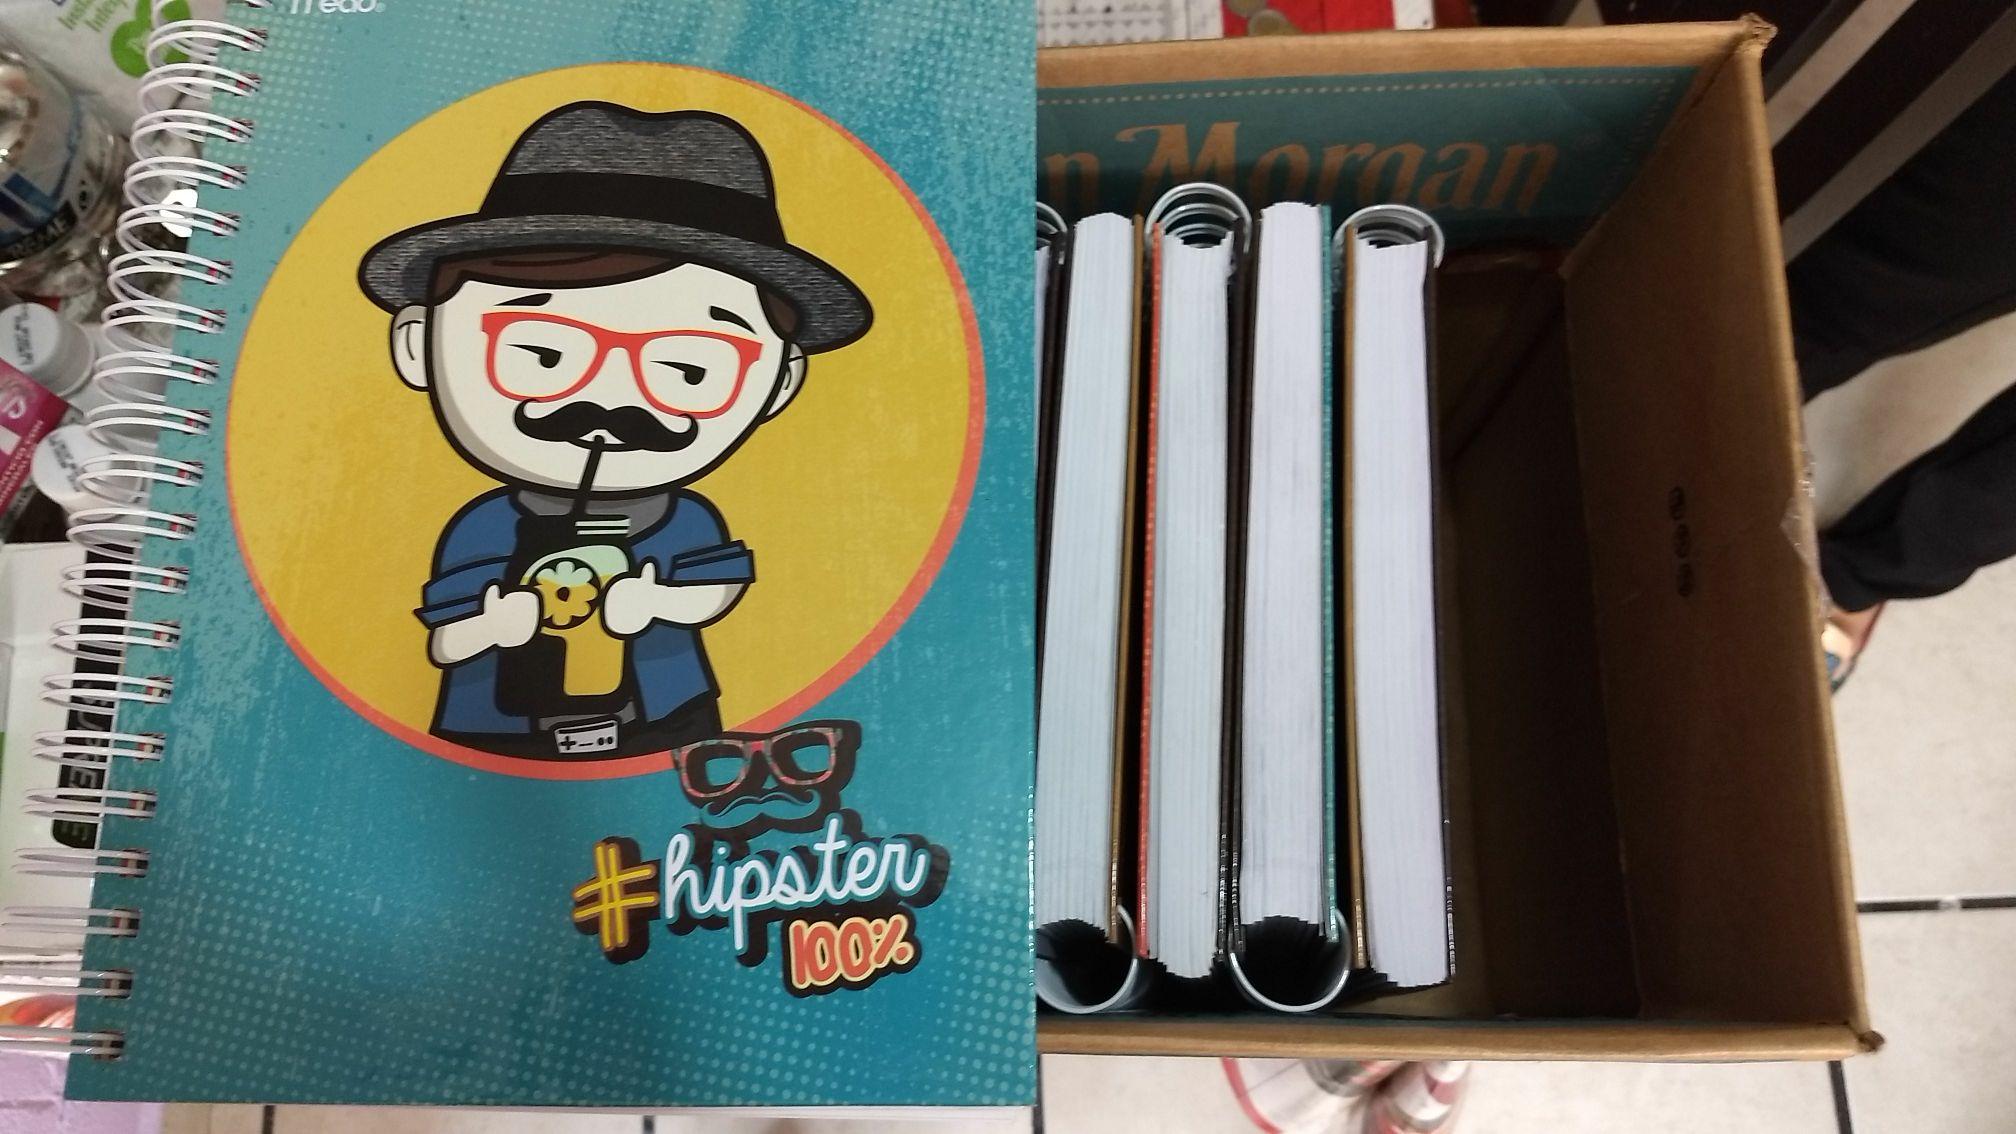 Chedraui: Cuadernos 200 hojas a $14.20